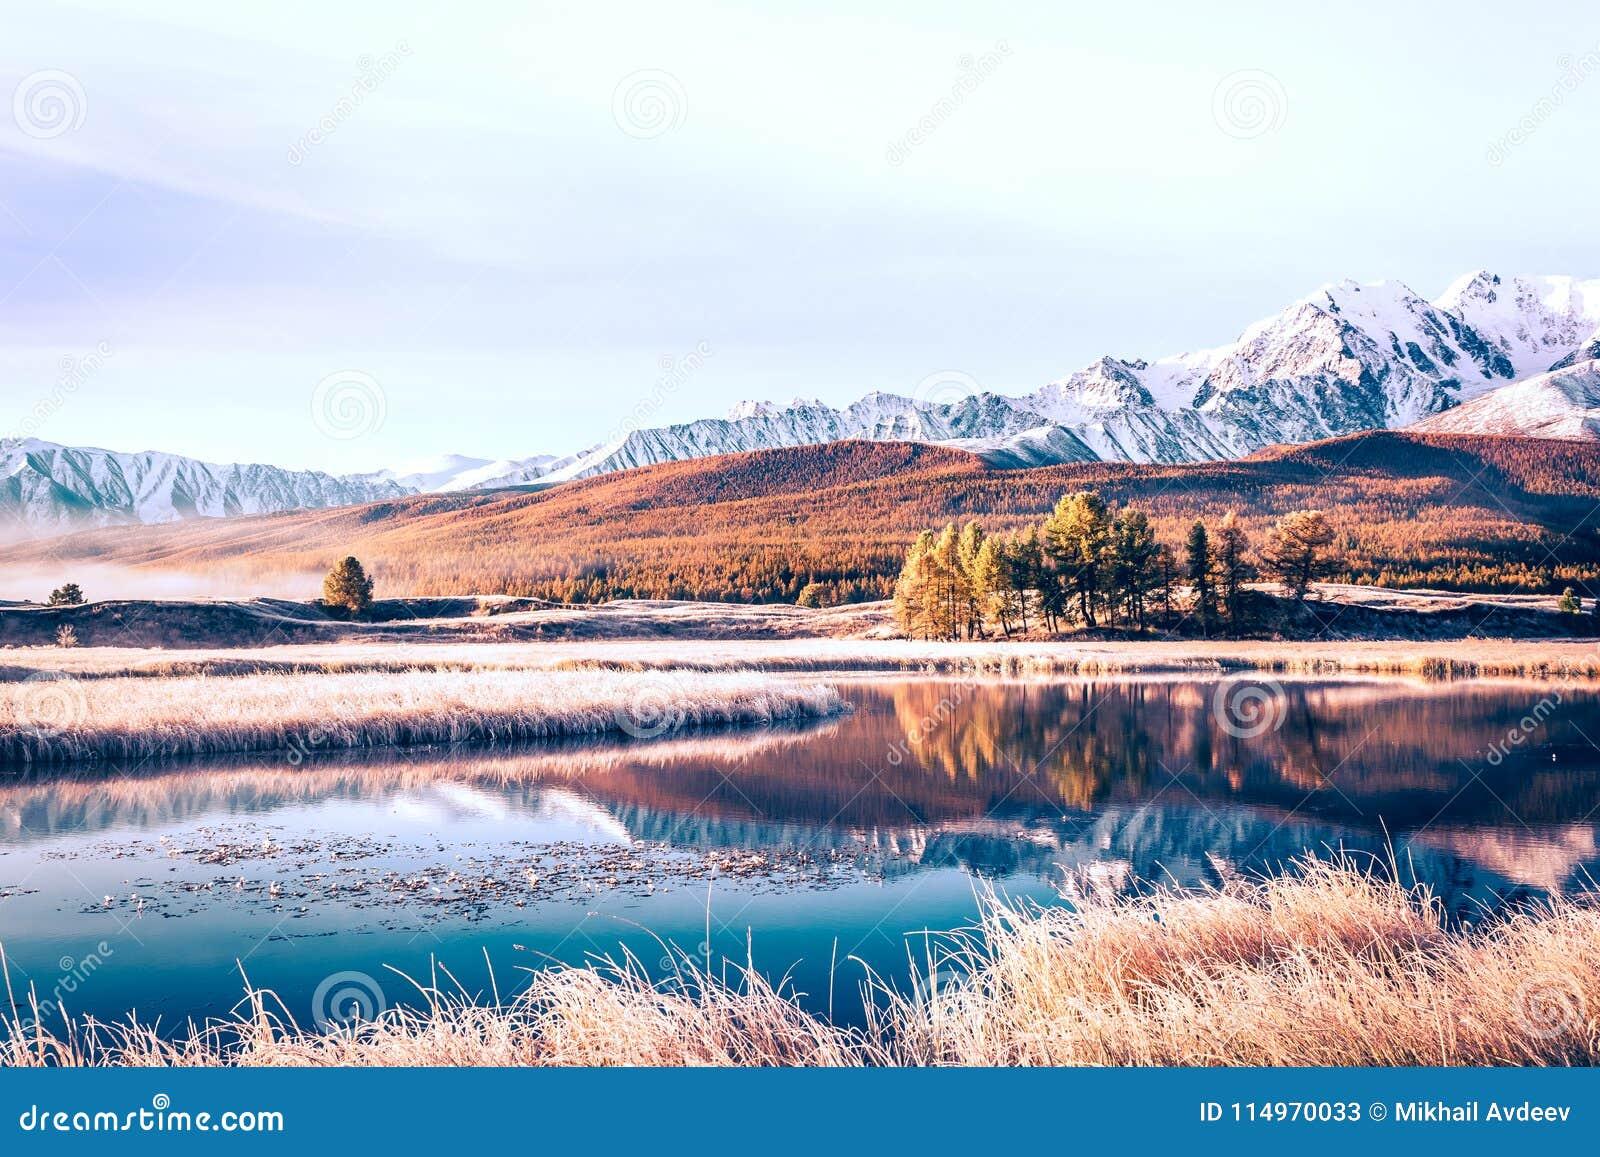 Spiegeloppervlakte van het meer in de bergvallei